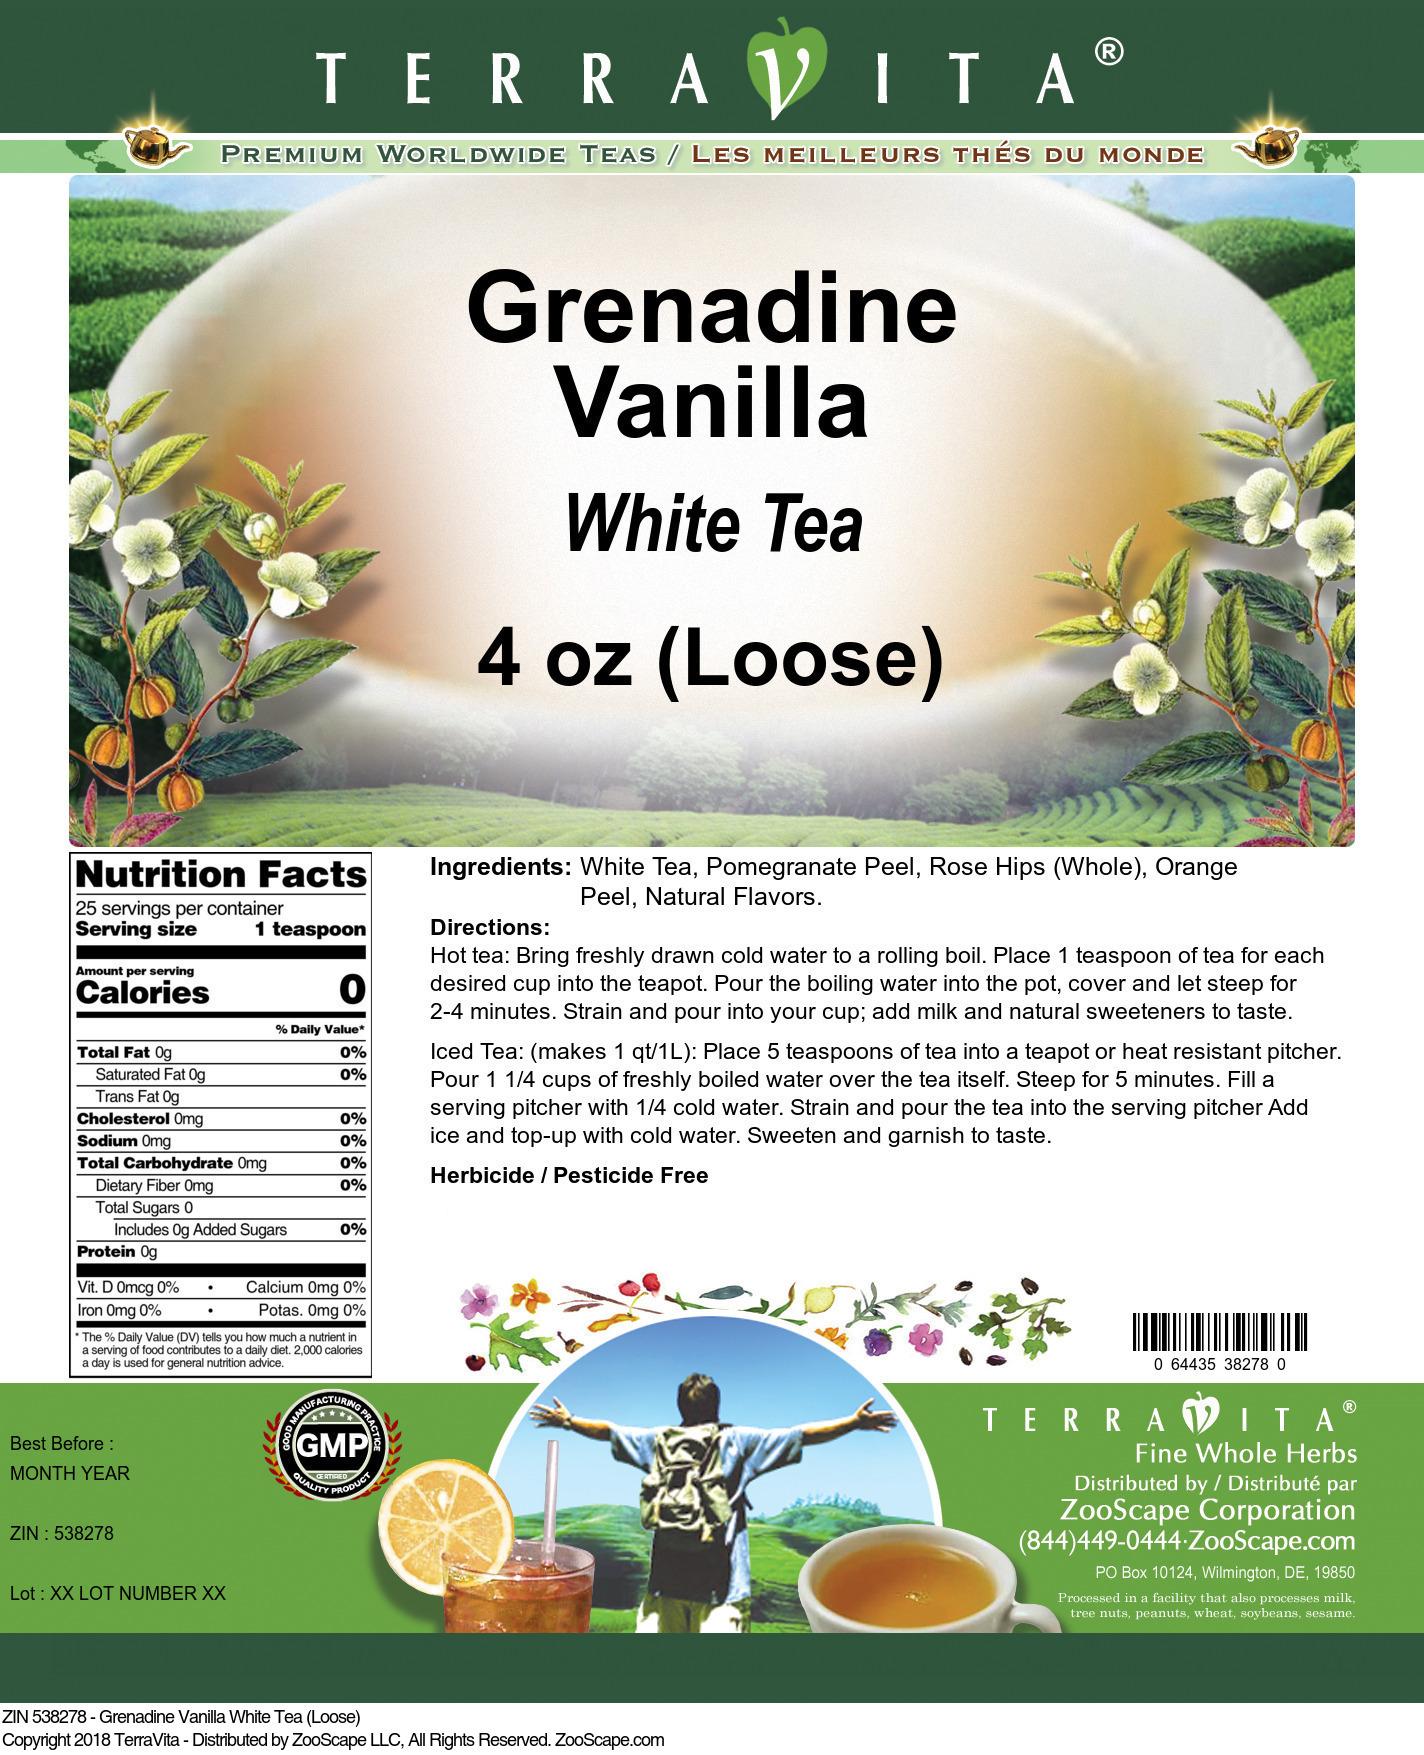 Grenadine Vanilla White Tea